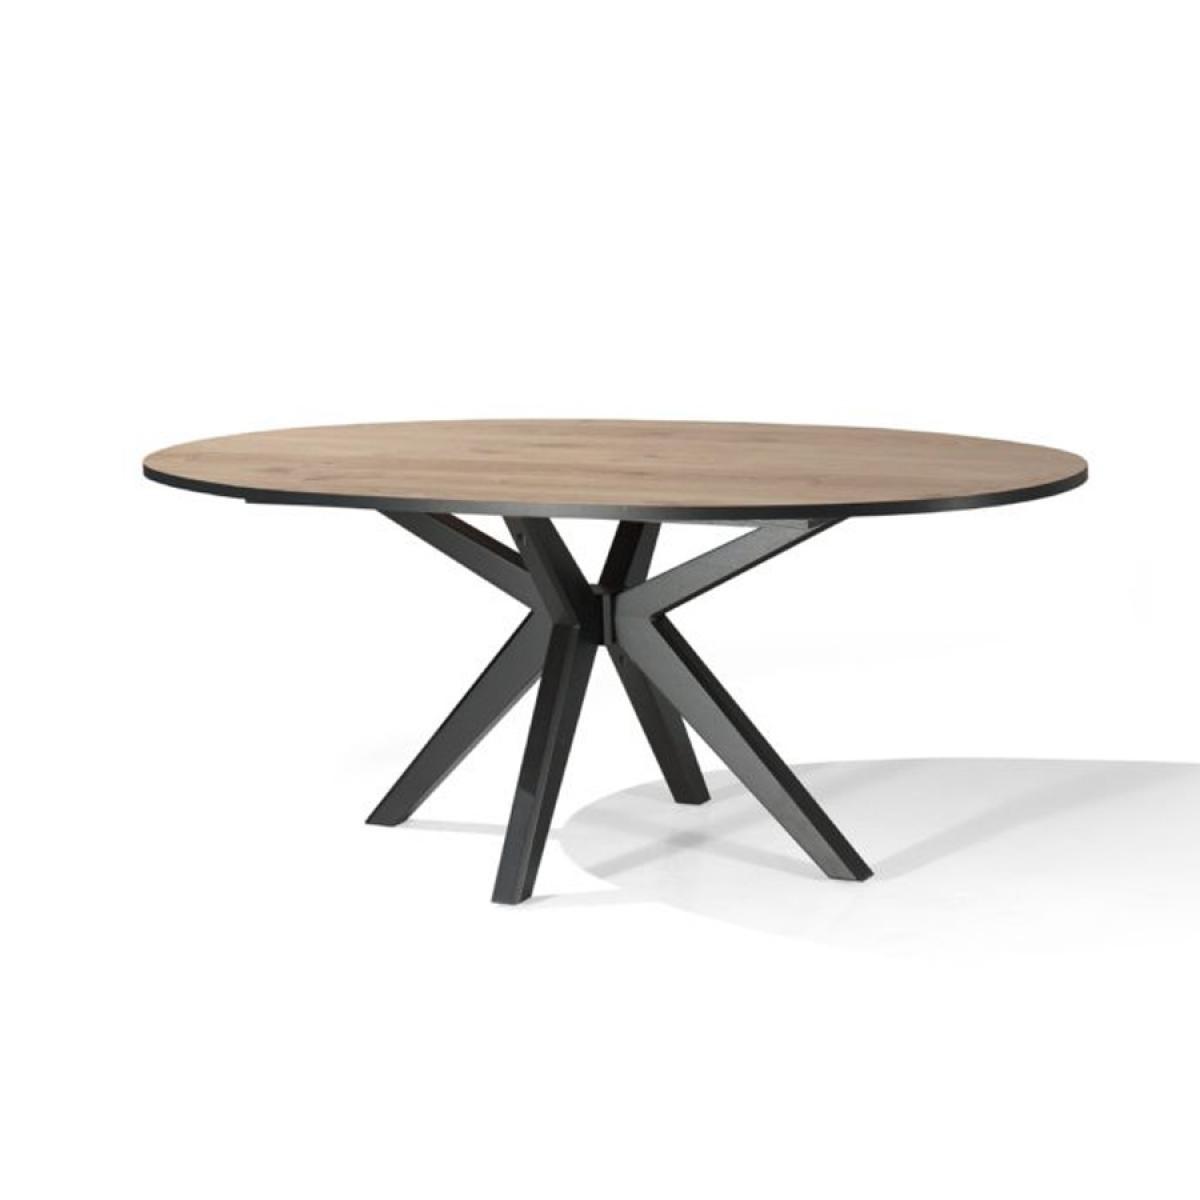 Nouvomeuble Table ovale 200 cm couleur chêne naturel ESTELLE